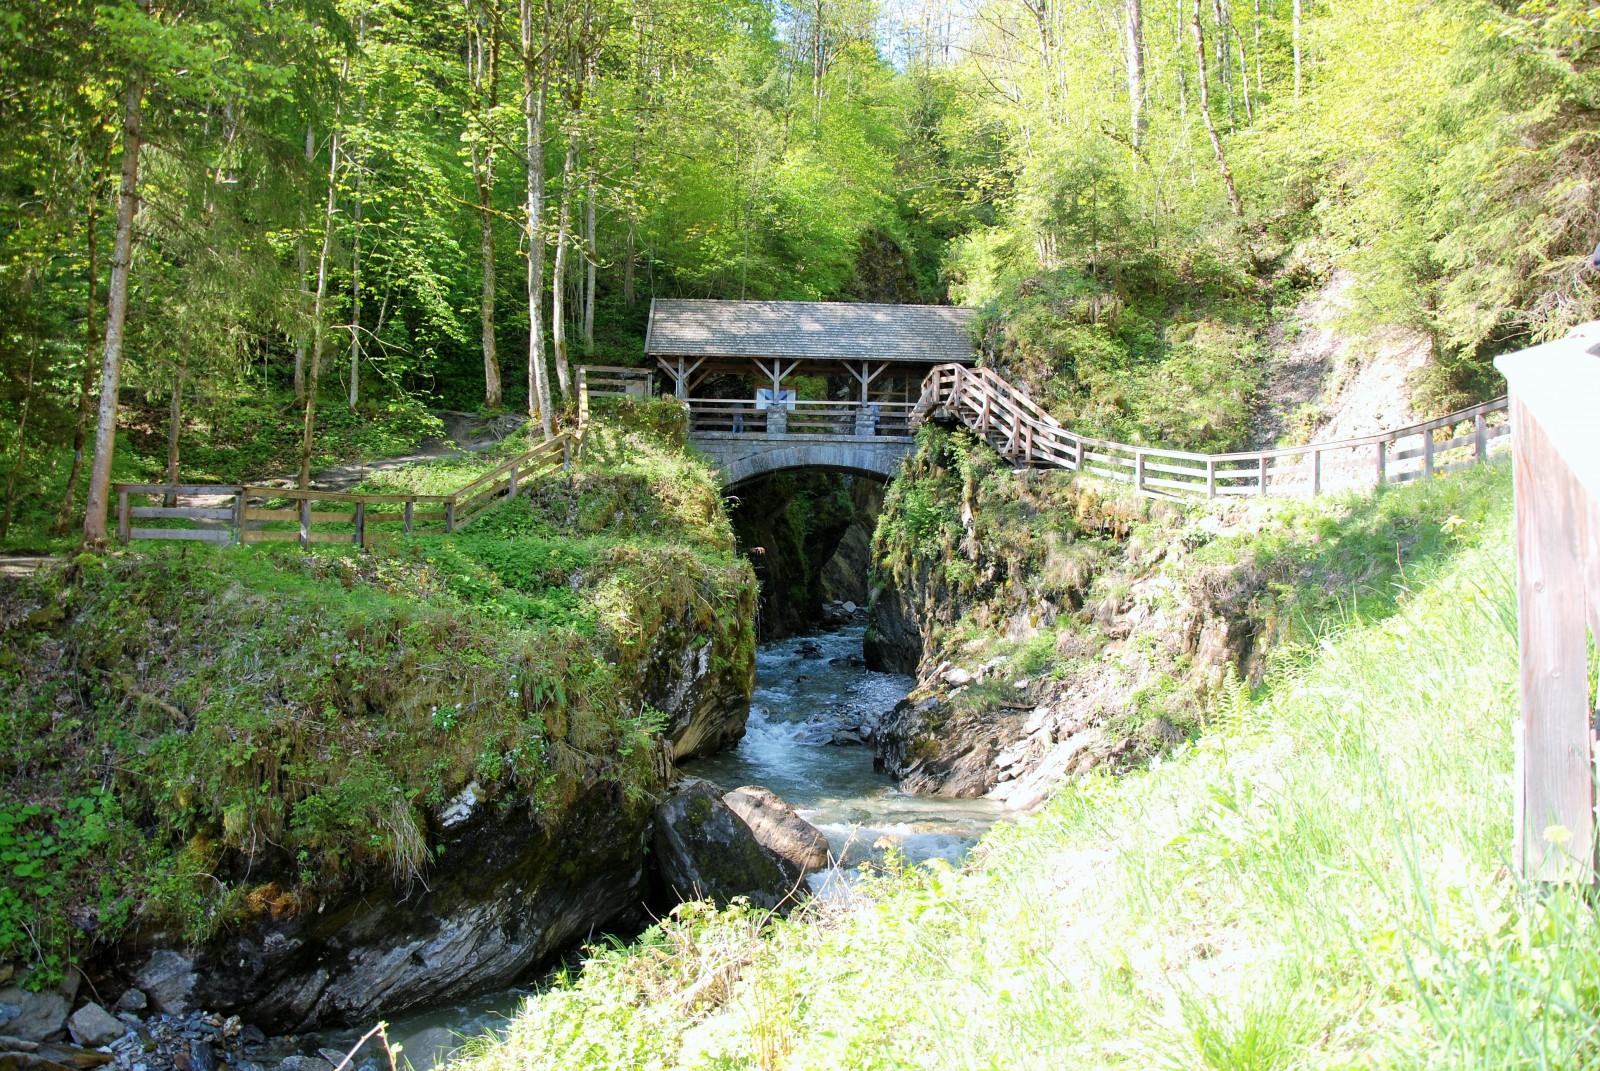 Am Eingang zur Sigmund-Thun-Klamm